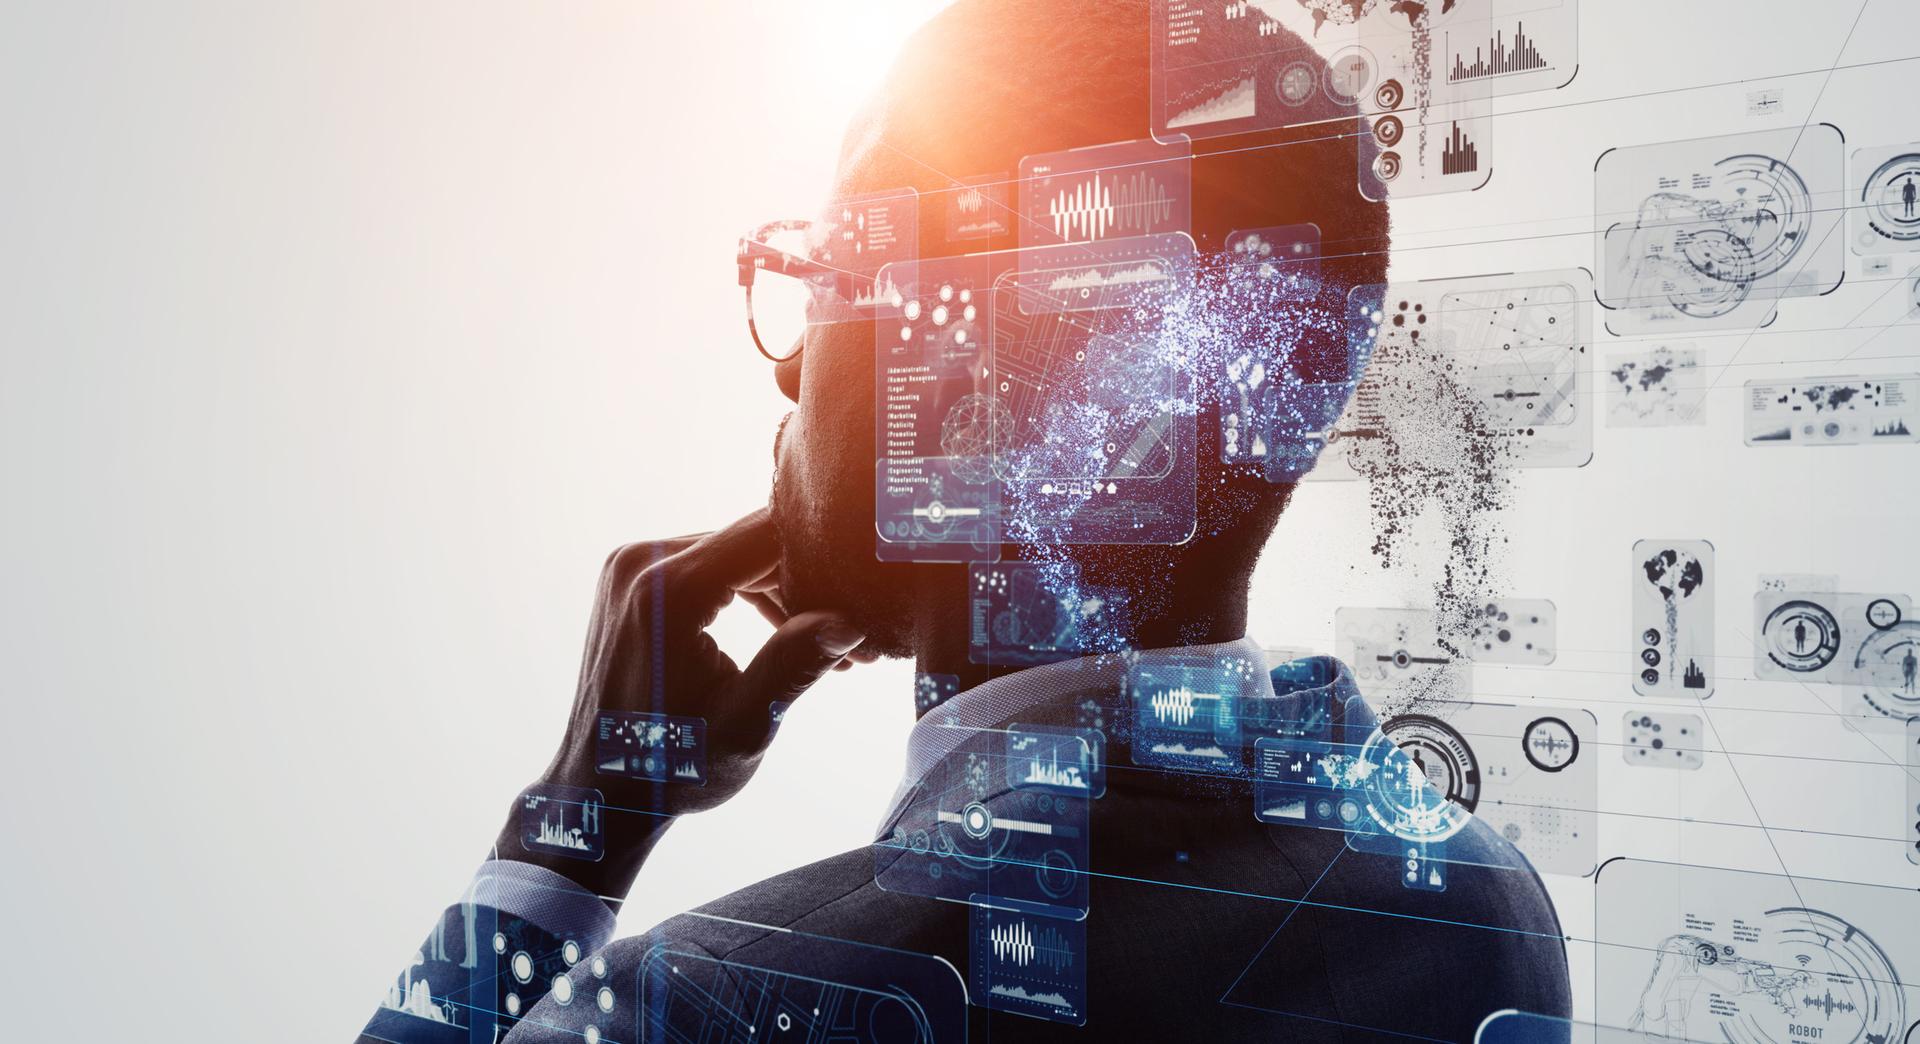 6086b57002e8bd5622501bda «Подготовиться к возможным потрясениям»: IT-специалист — о перспективах и рисках в сфере искусственного интеллекта